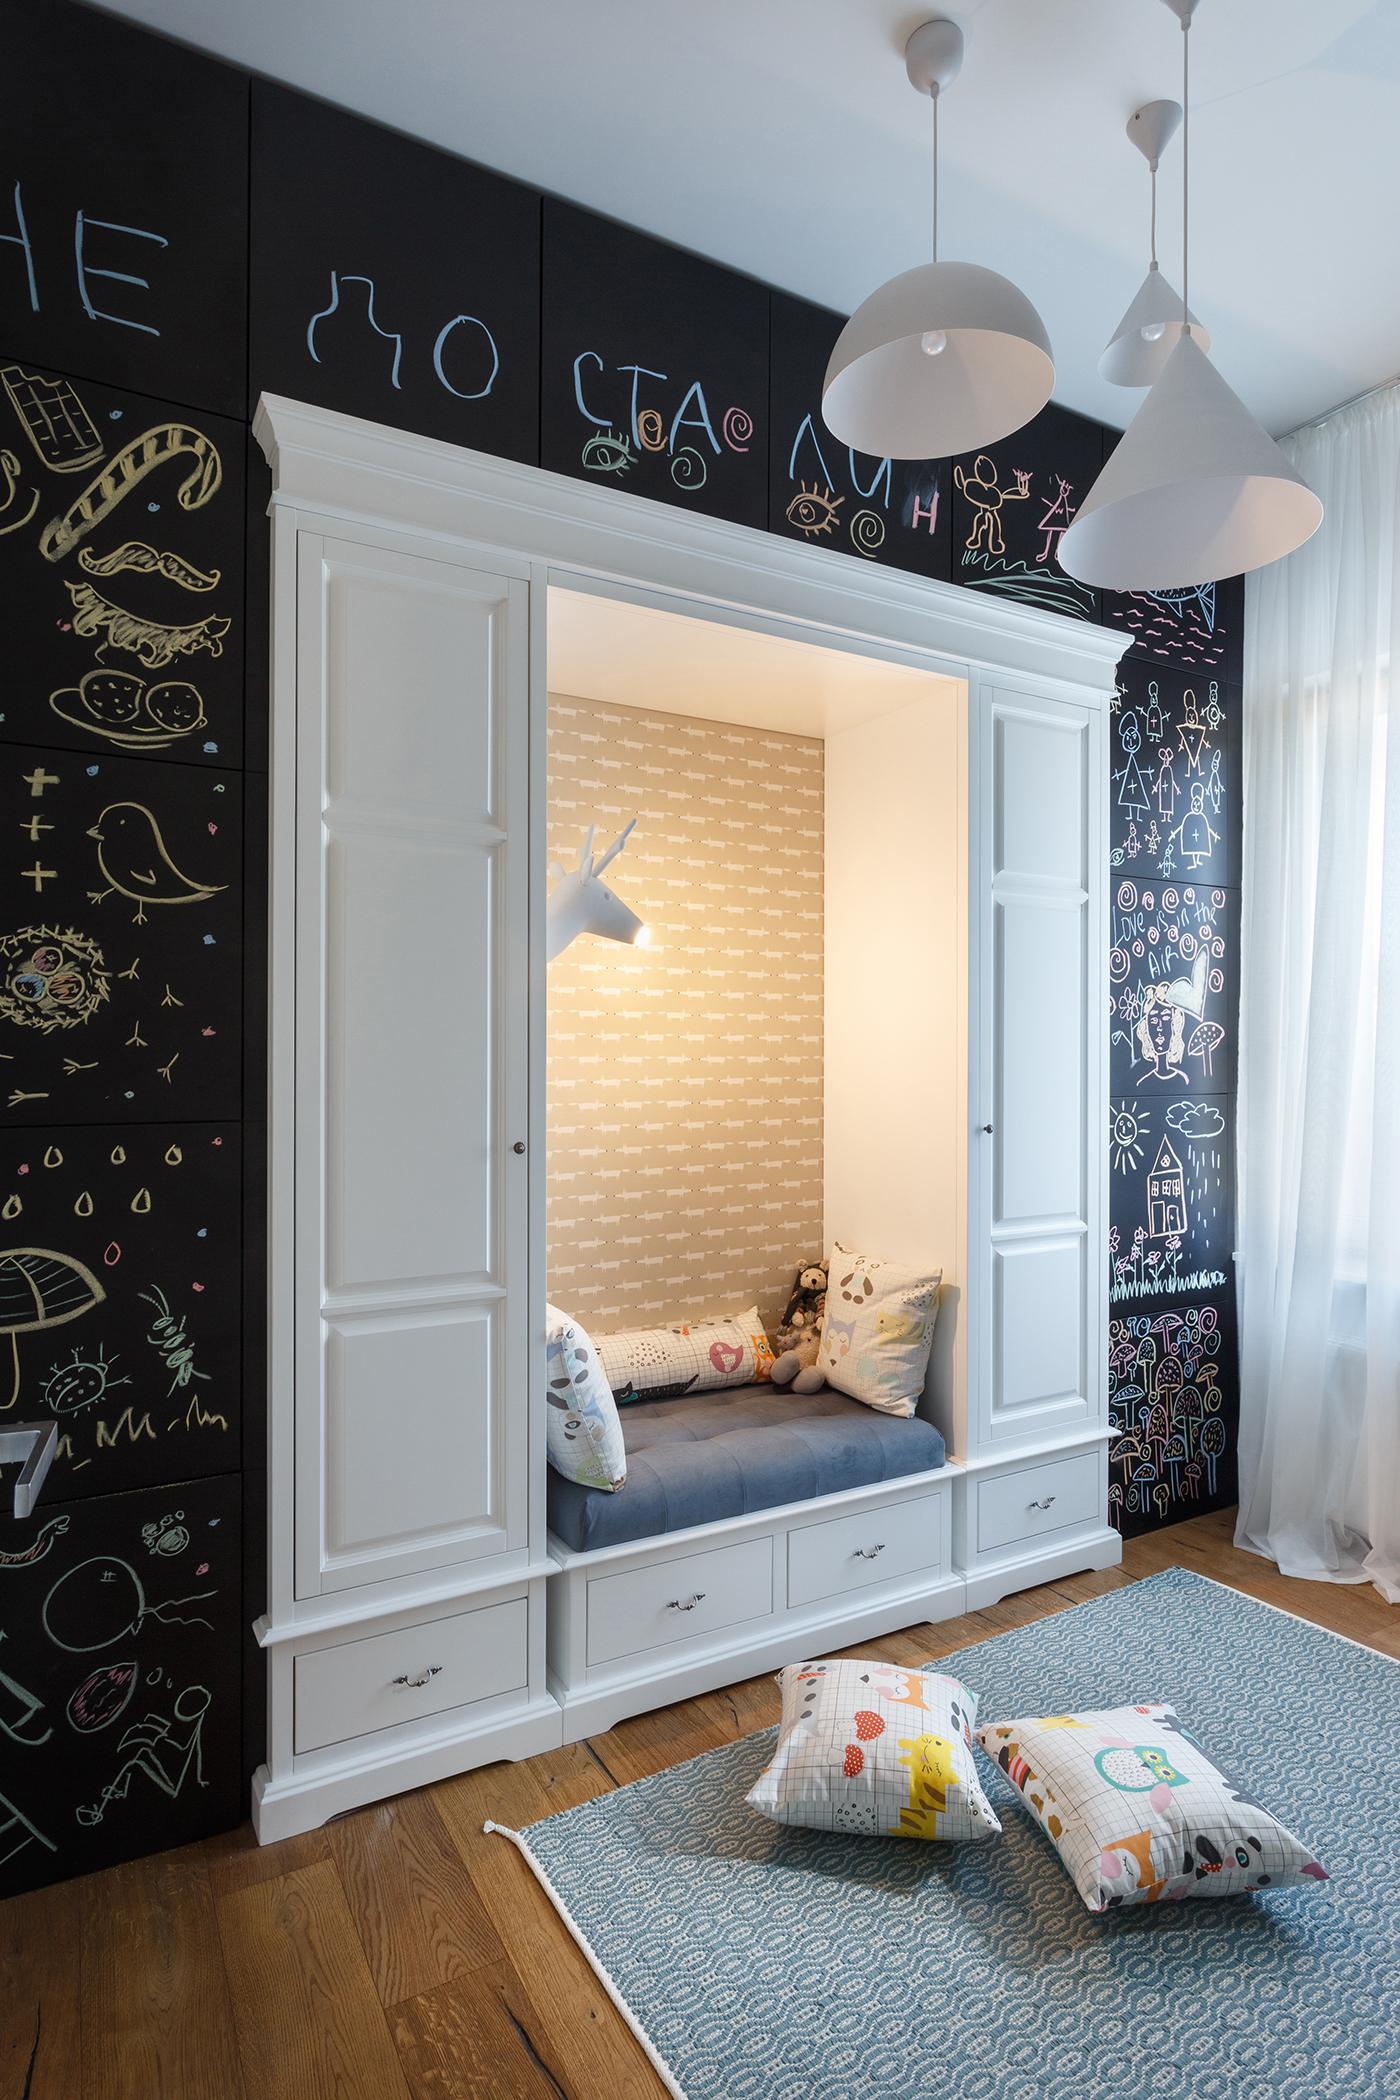 Апартаменты для творческой семьи - проект SVOYA STUDIO 10